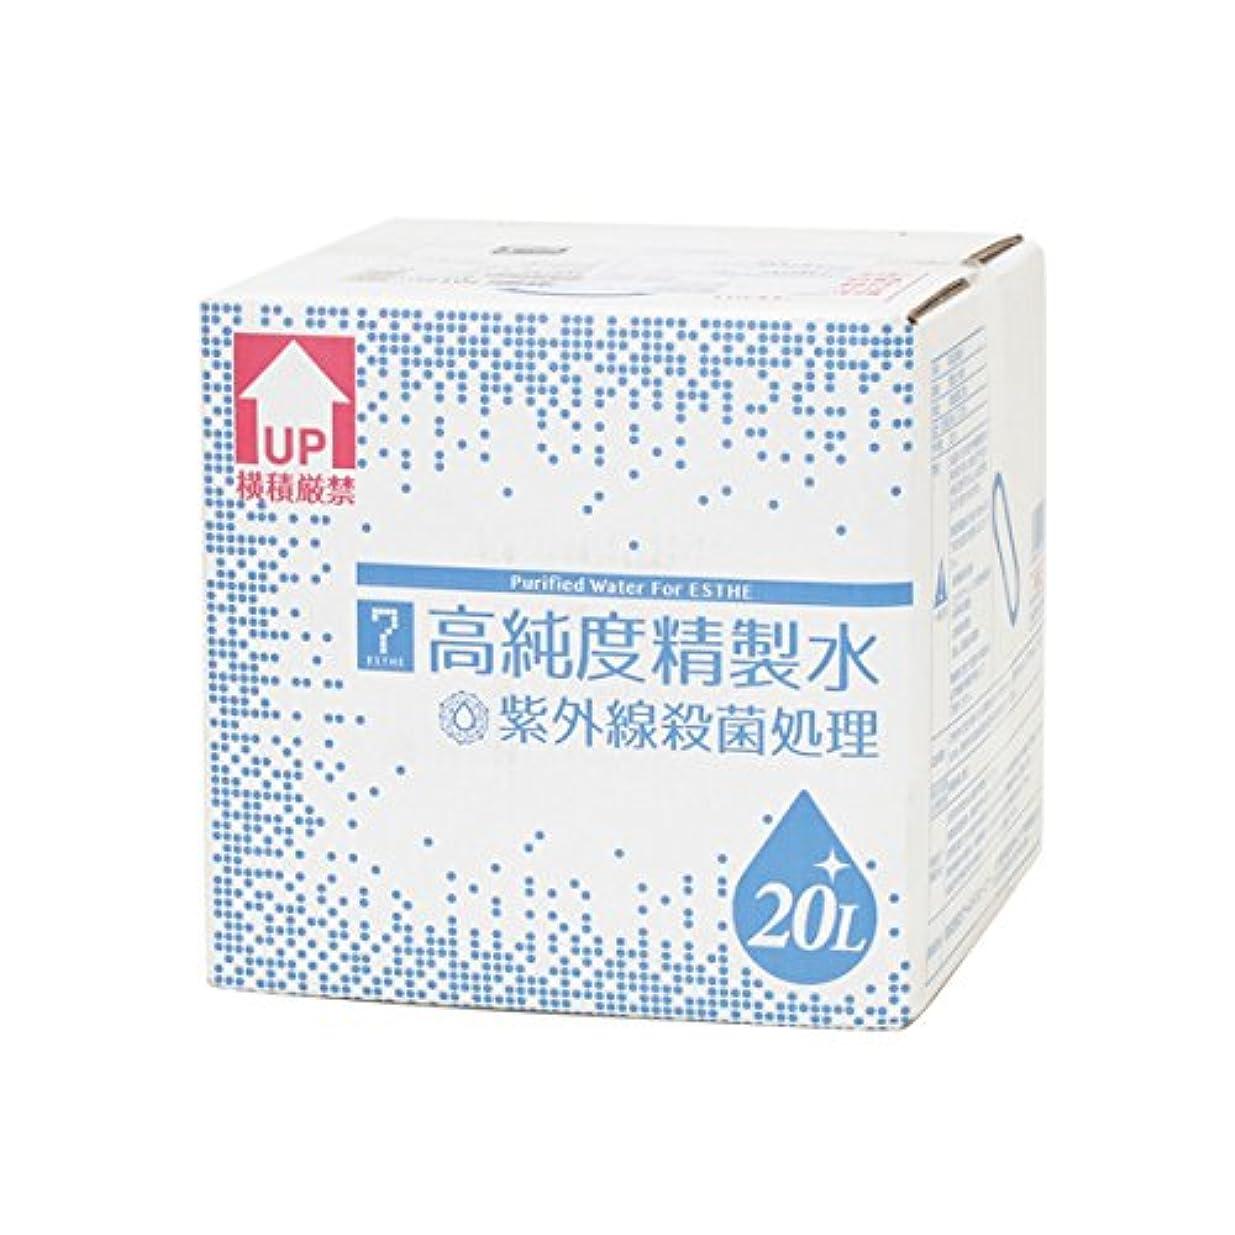 センサーアクティブ見かけ上高純度 精製水 20L (コック付) [ 精製水 純水 エステ スチーマー フェイシャルスチーマー 美顔器 ]